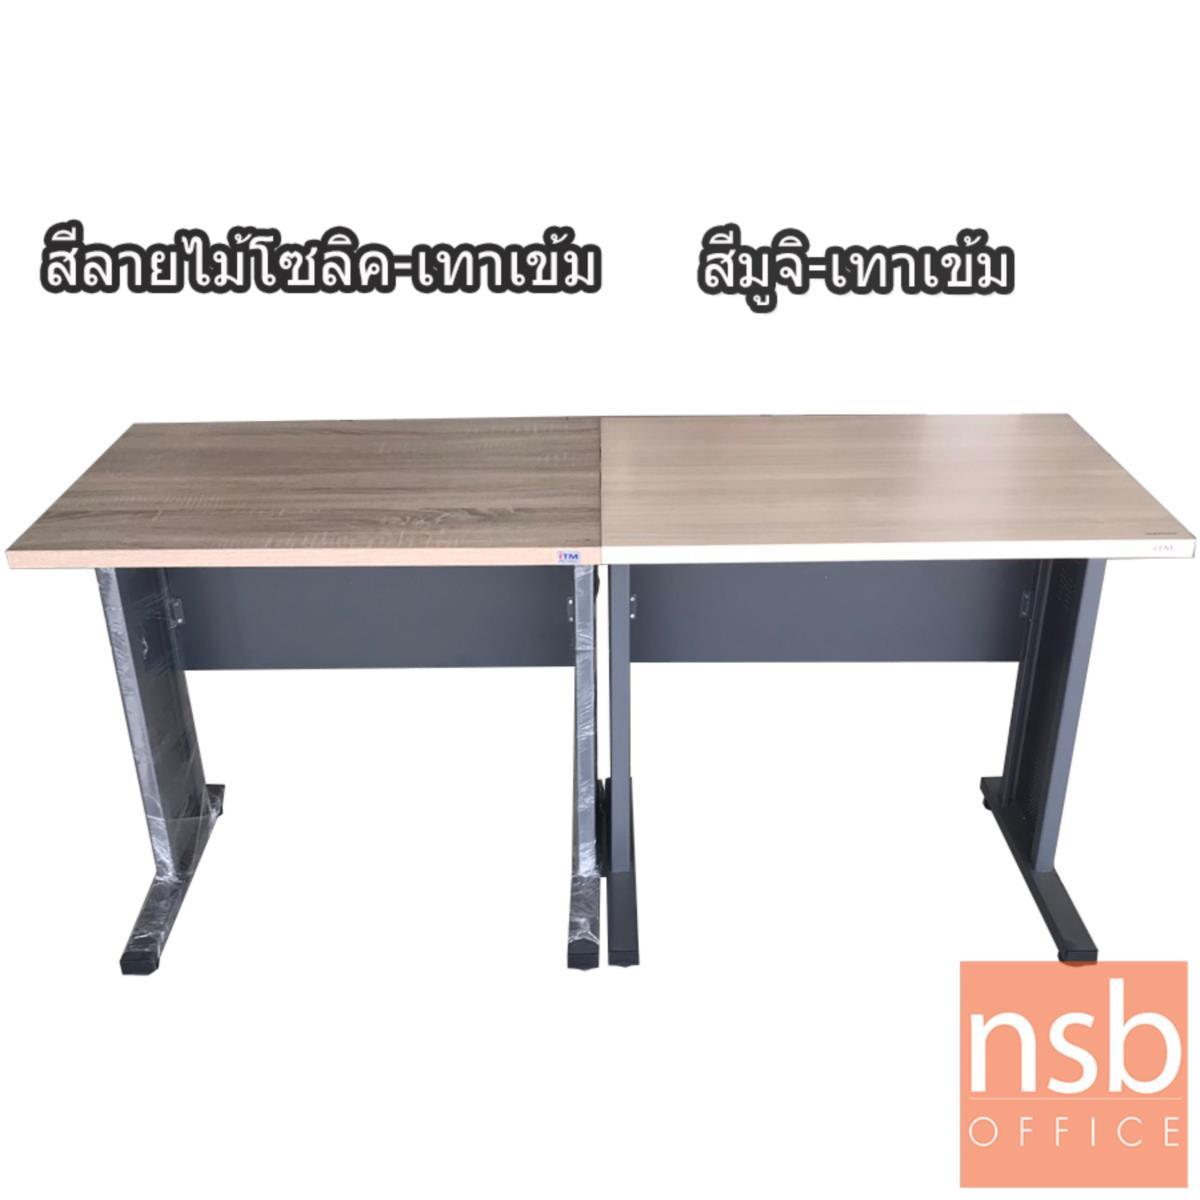 โต๊ะทำงาน 3 ลิ้นชัก  รุ่น Cosmic (คอสมิค) ขนาด 120W cm. ขาเหล็ก  สีโซลิคตัดเทาเข้มหรือสีมูจิตัดเทาเข้ม